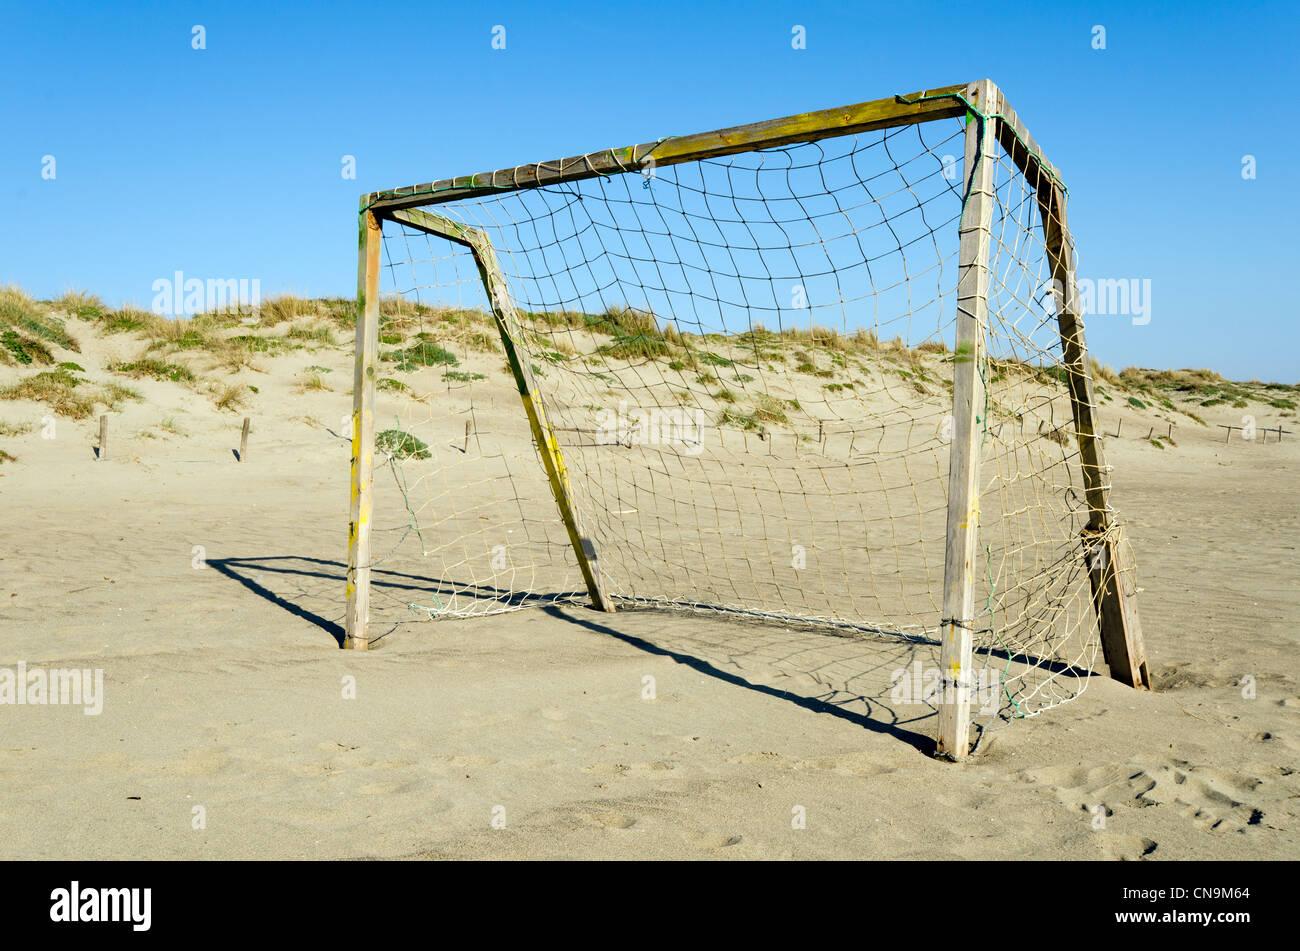 Football goal net on the beach of Ostia - Rome, Italy - Stock Image